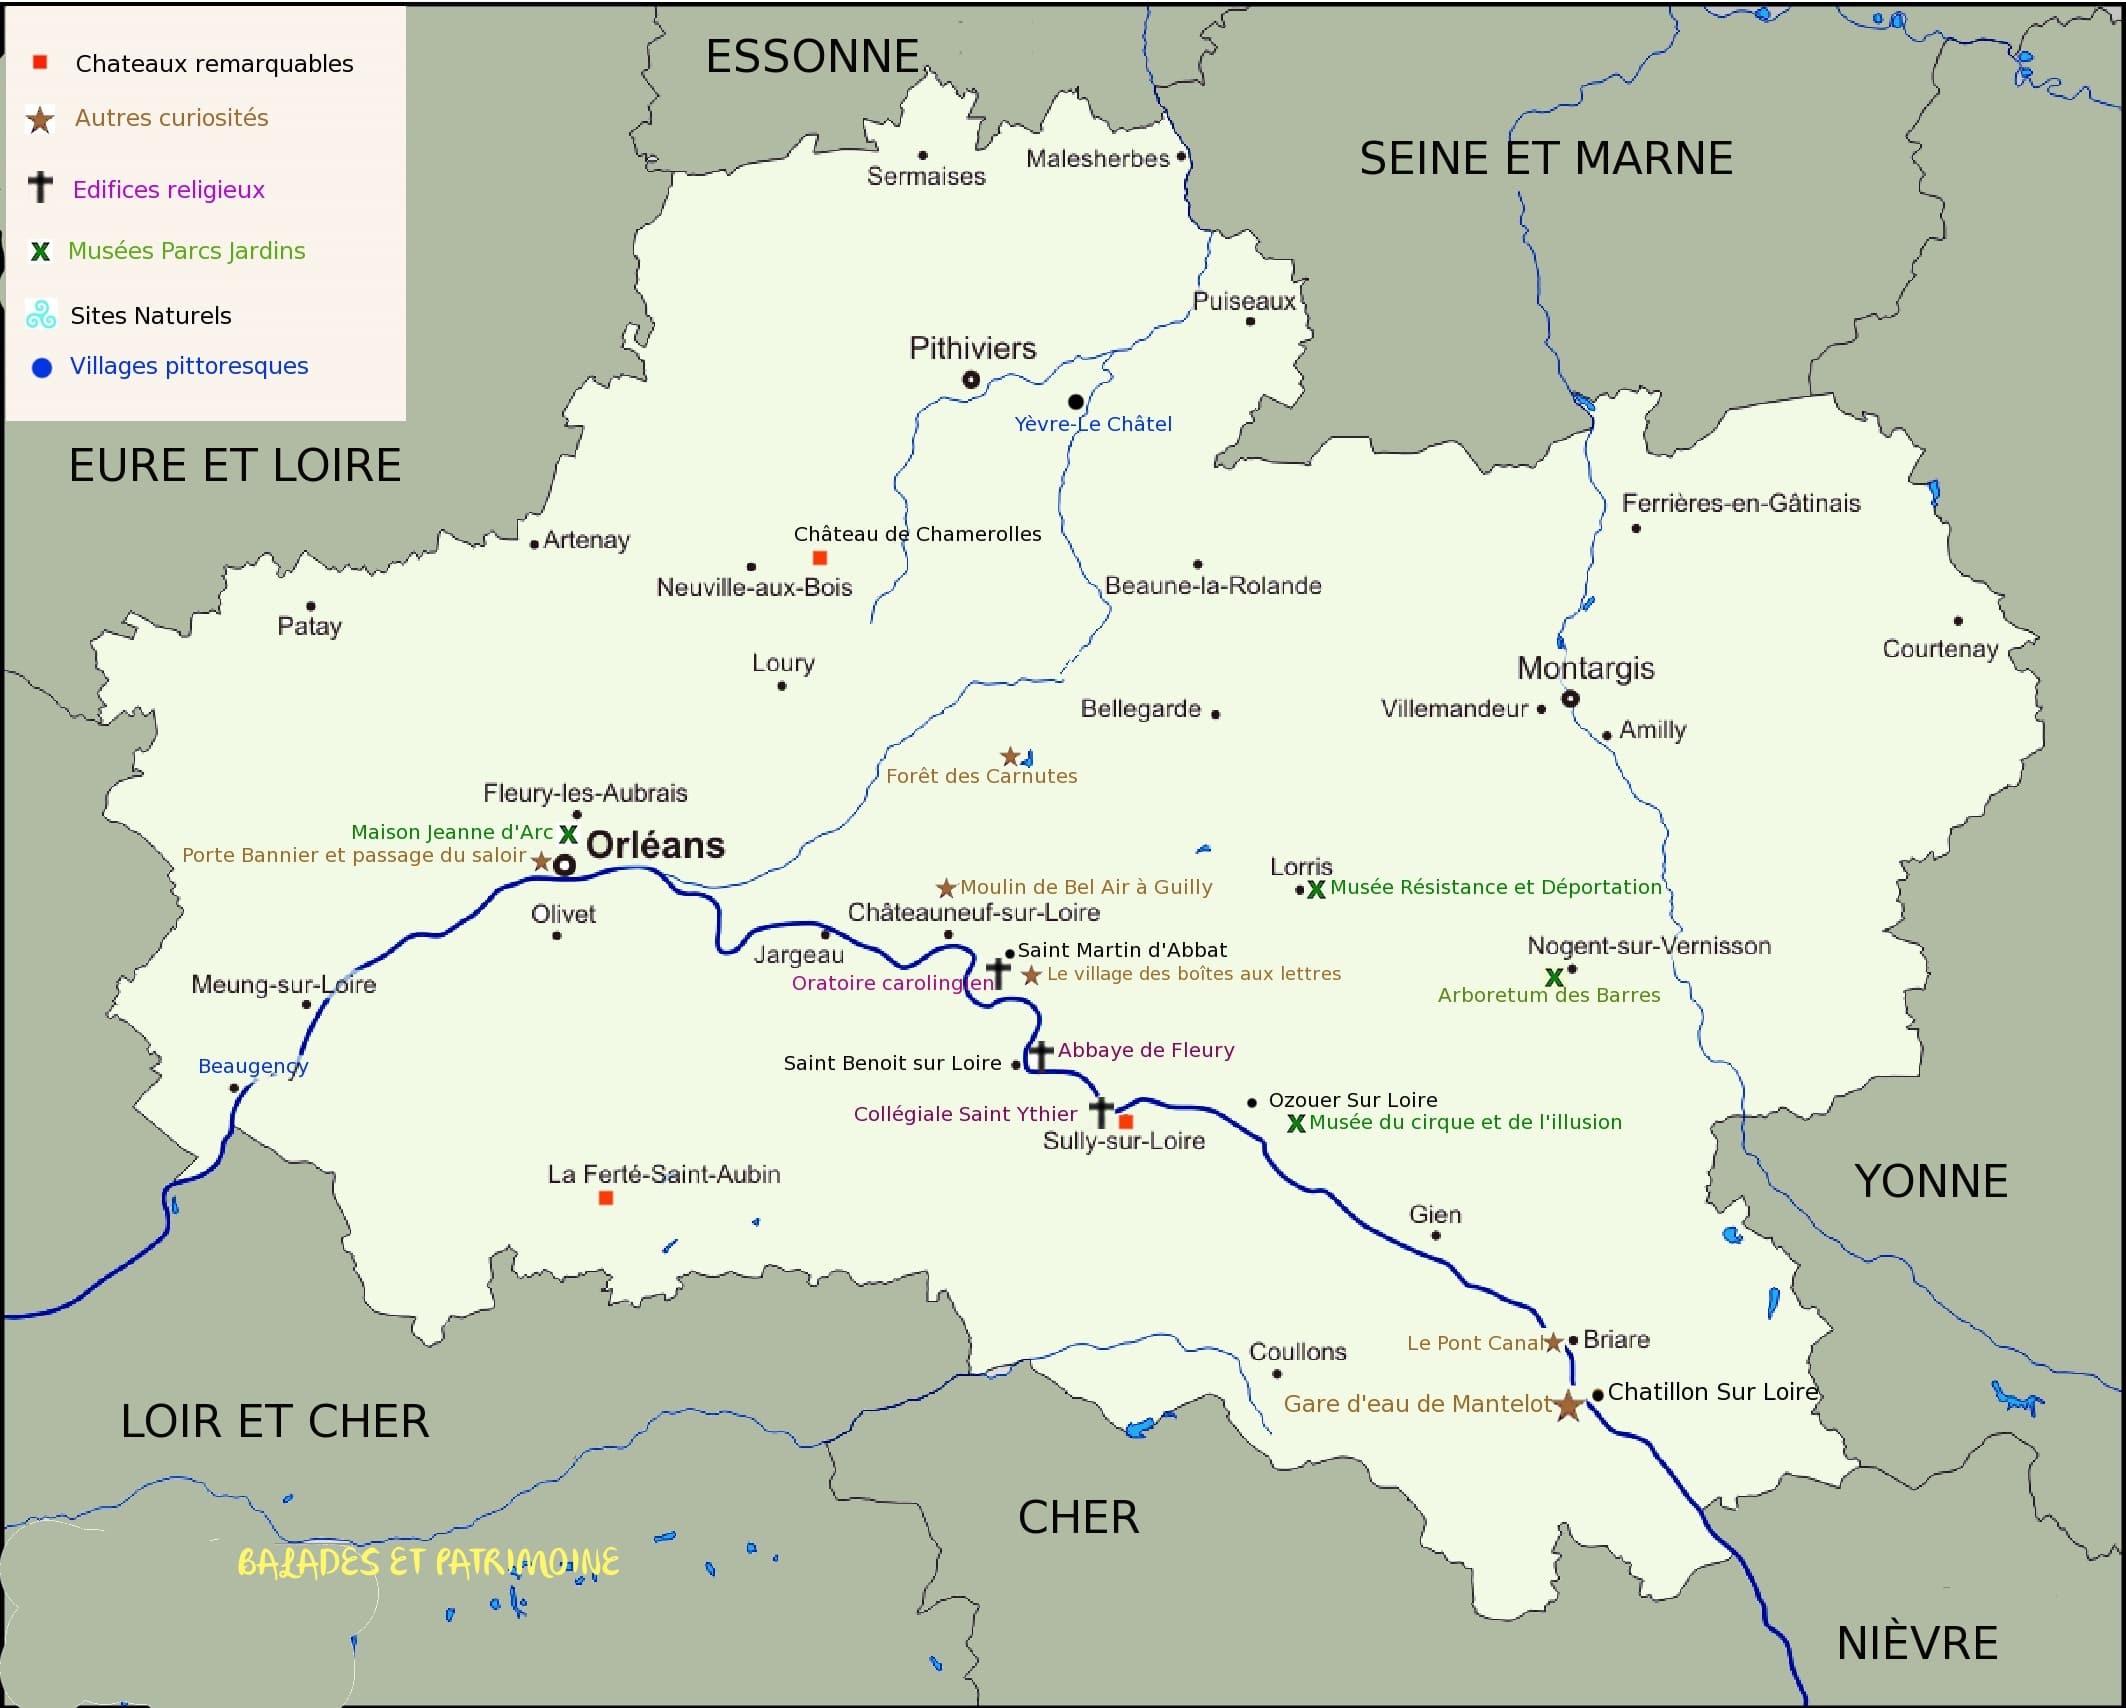 tourisme Loiret-balades et patrimoine